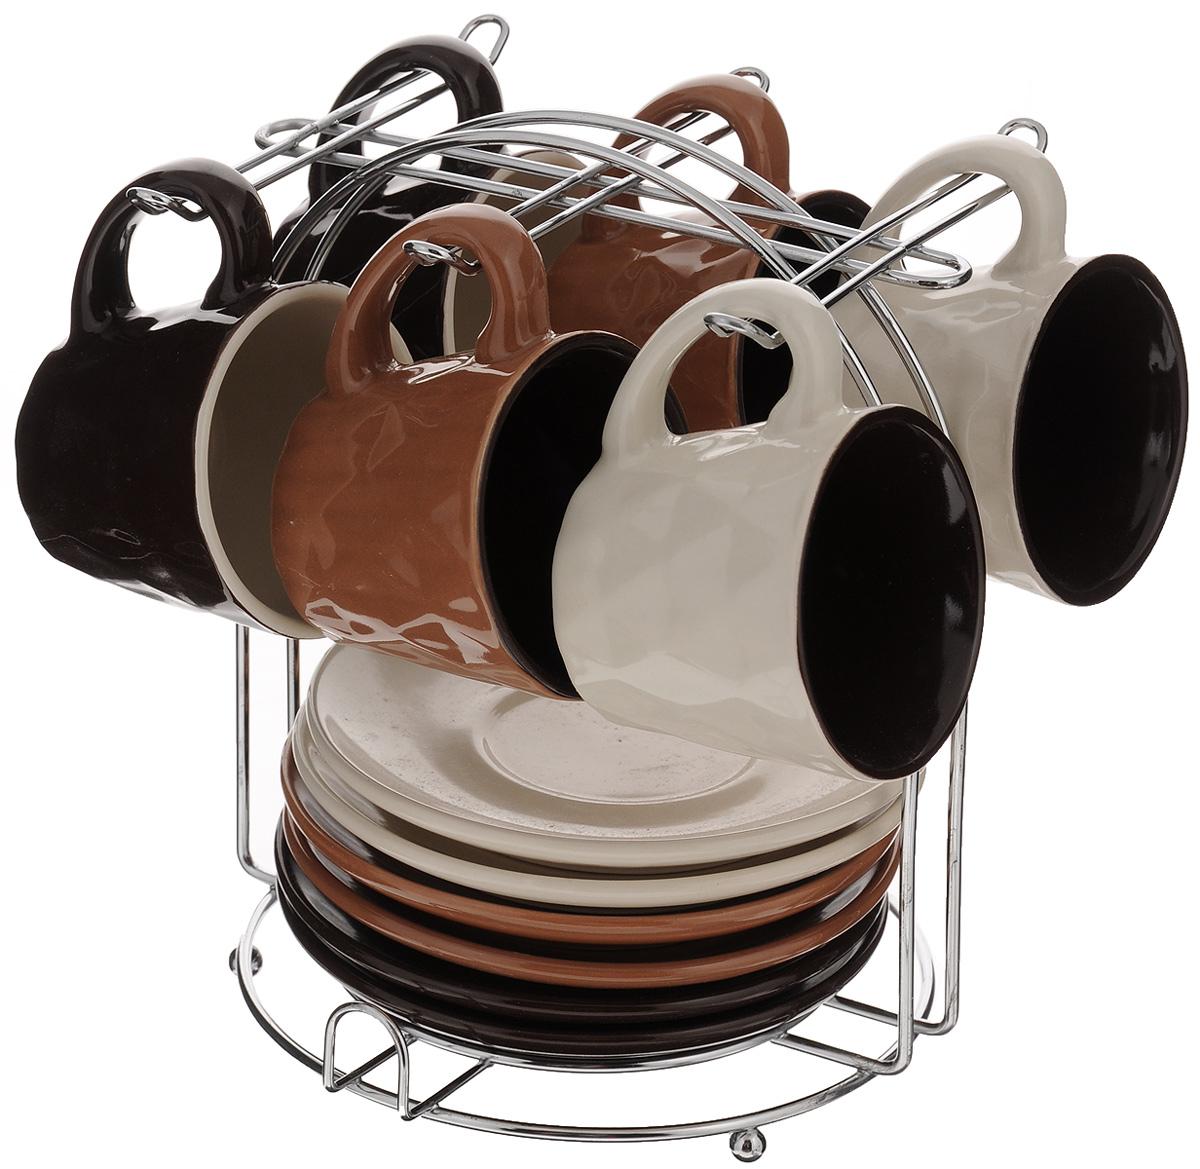 Набор кофейный Loraine, 13 предметов. 2466824668Кофейный набор Loraine состоит из 6 чашек и 6 блюдец. Посуда изготовлена из высококачественной керамики. Для предметов набора предусмотрена специальная металлическая подставка с крючками для чашек и подставкой для блюдец. Изящный дизайн придется по вкусу и ценителям классики, и тем, кто предпочитает утонченность и изысканность. Набор Loraine настроит на позитивный лад и подарит хорошее настроение с самого утра. Он станет идеальным и необходимым подарком для вашего дома и для ваших друзей в праздники. Посуда подходит для использования в микроволновой печи и холодильнике, также можно мыть в посудомоечной машине. Объем чашки: 90 мл. Диаметр чашки (по верхнему краю): 6,5 см. Высота чашки: 5,5 см. Диаметр блюдца: 11,5 см. Высота блюдца: 1,7 см. Размер подставки: 14,5 х 15 х 18,7 см.